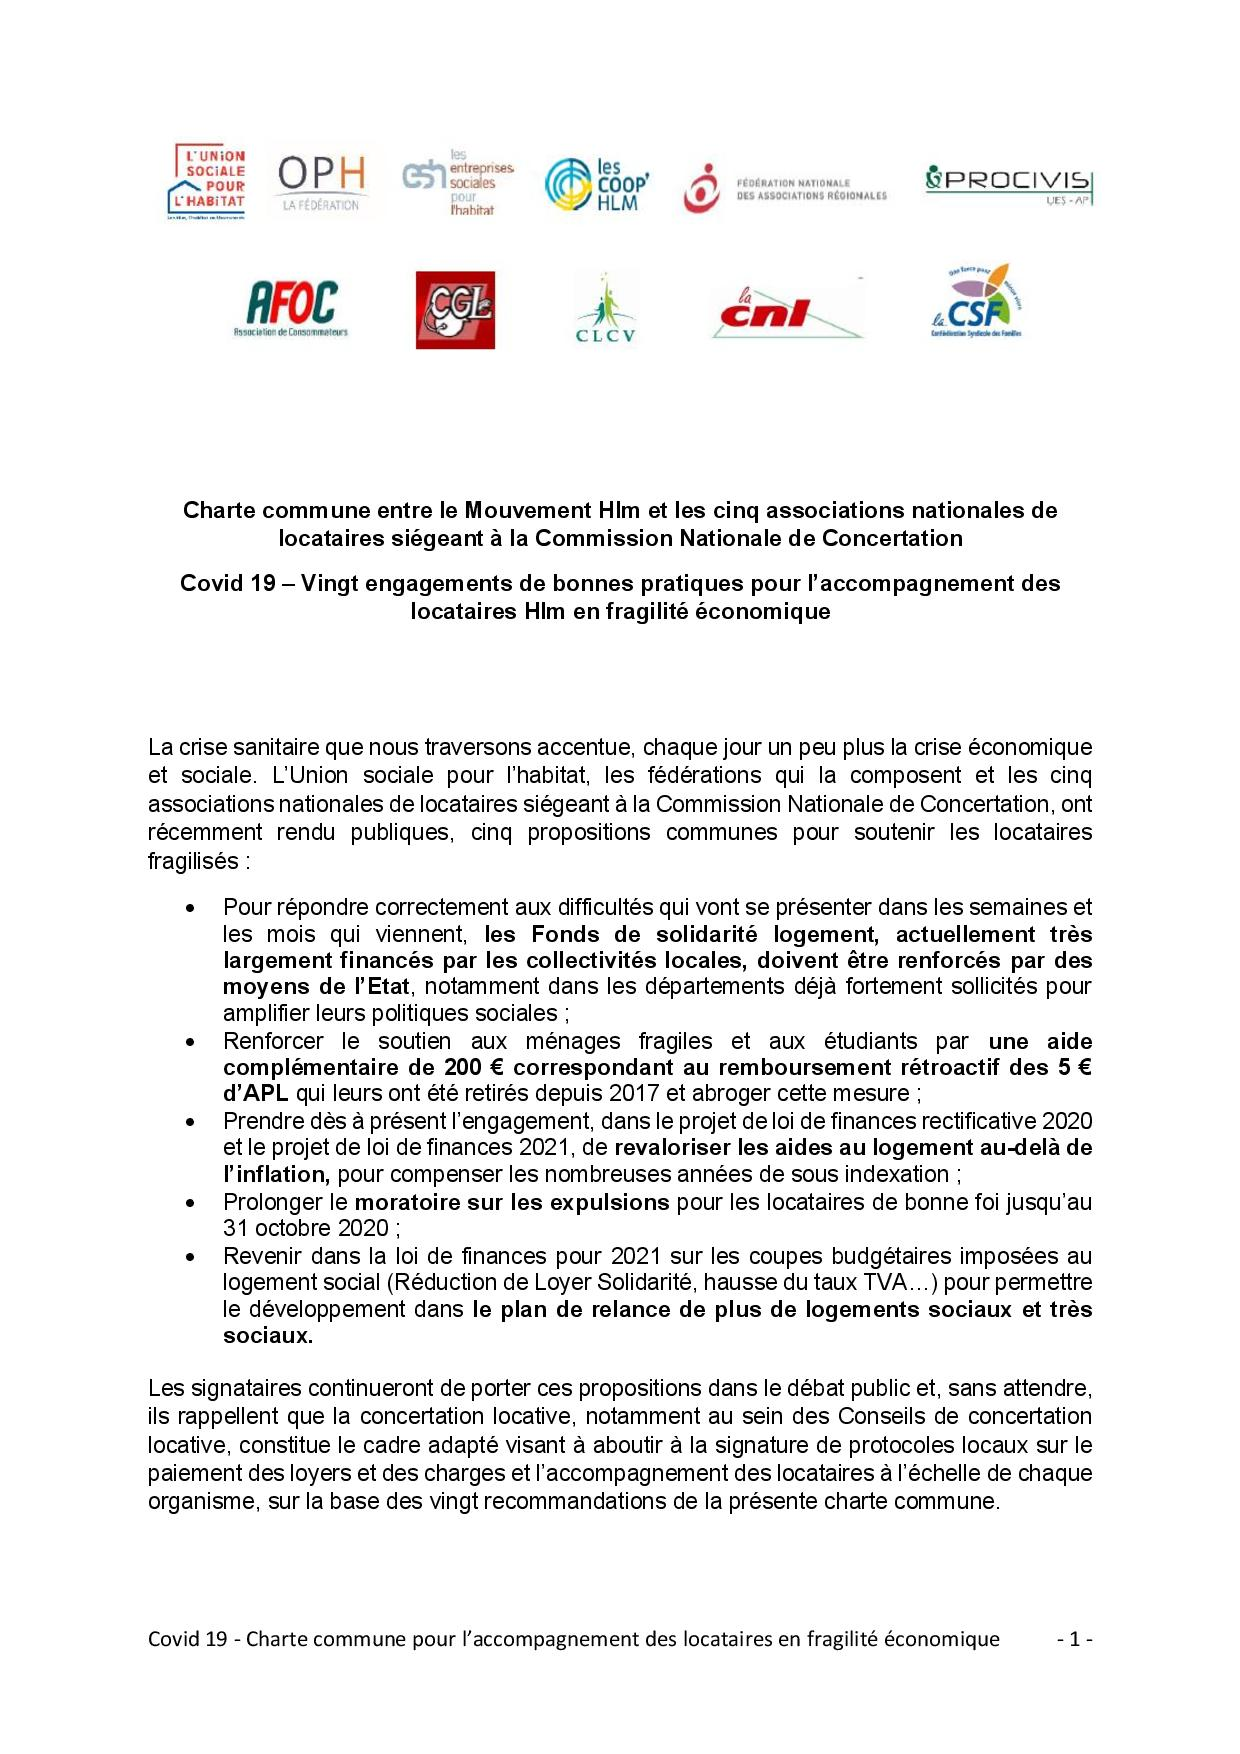 charte_commune_dengagements_en_faveur_des_locataires_en_fragilite_economique_0-page-001.jpg